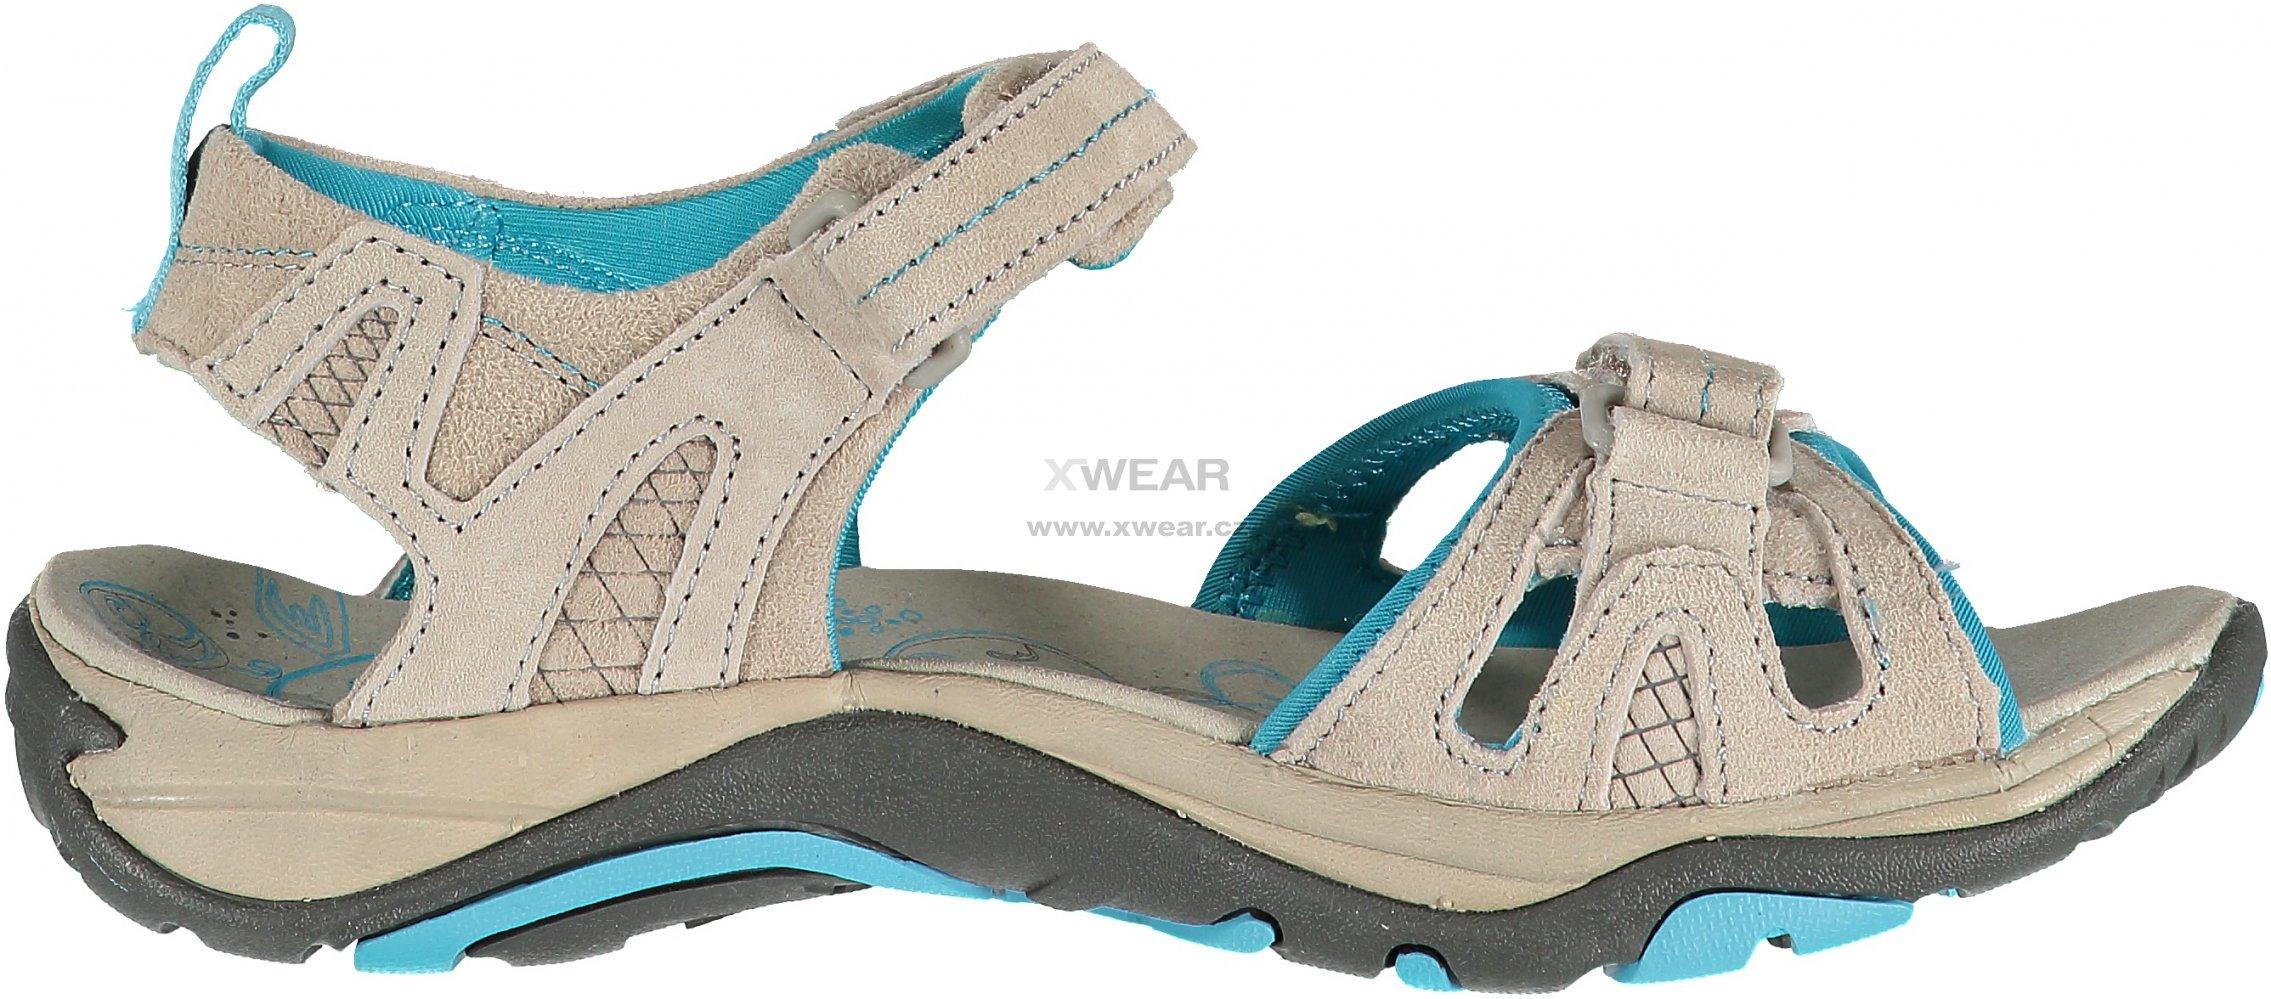 Dámské letní sandály NORDBLANC KUKY NBSS53 BÉŽOVÁ velikost  EU 37 ... 1c14d65a85